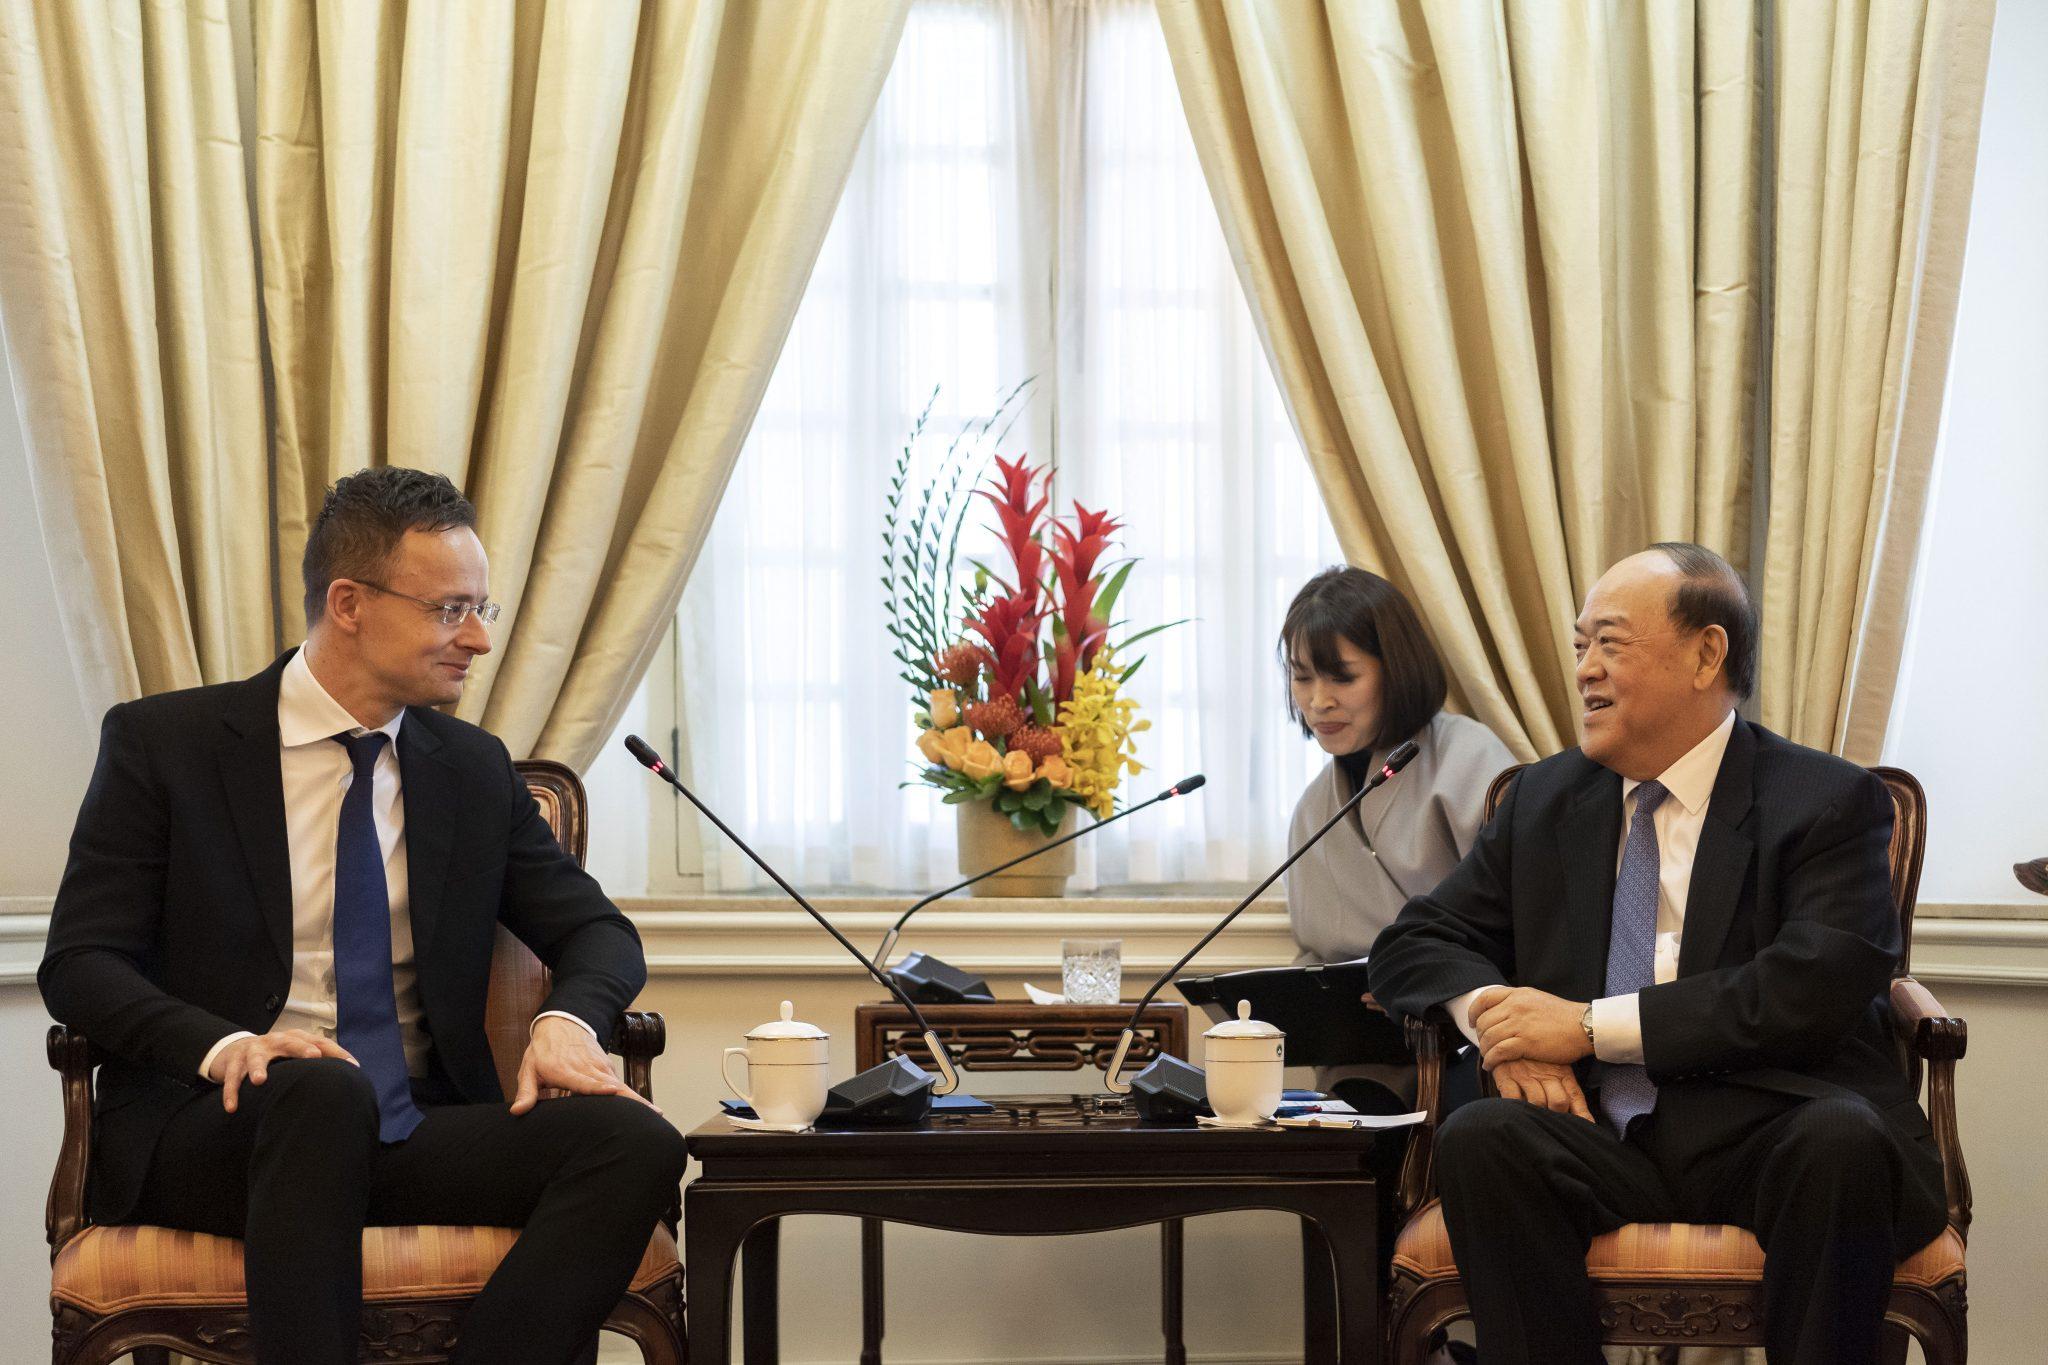 Szijjártó: Macau Shows Interest in Premium Hungarian Goods, Services post's picture